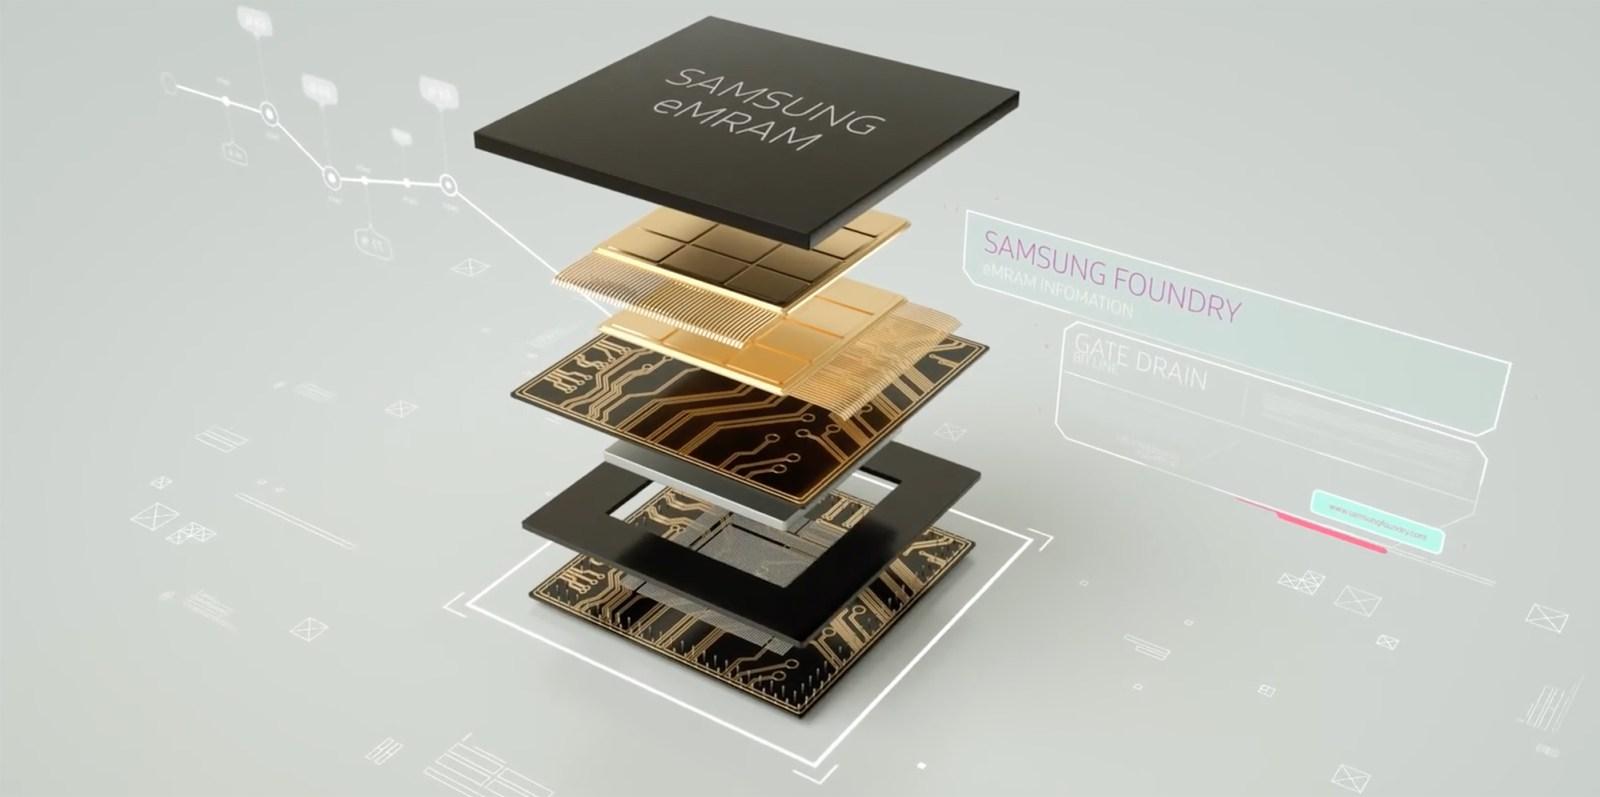 Samsung eMRAM